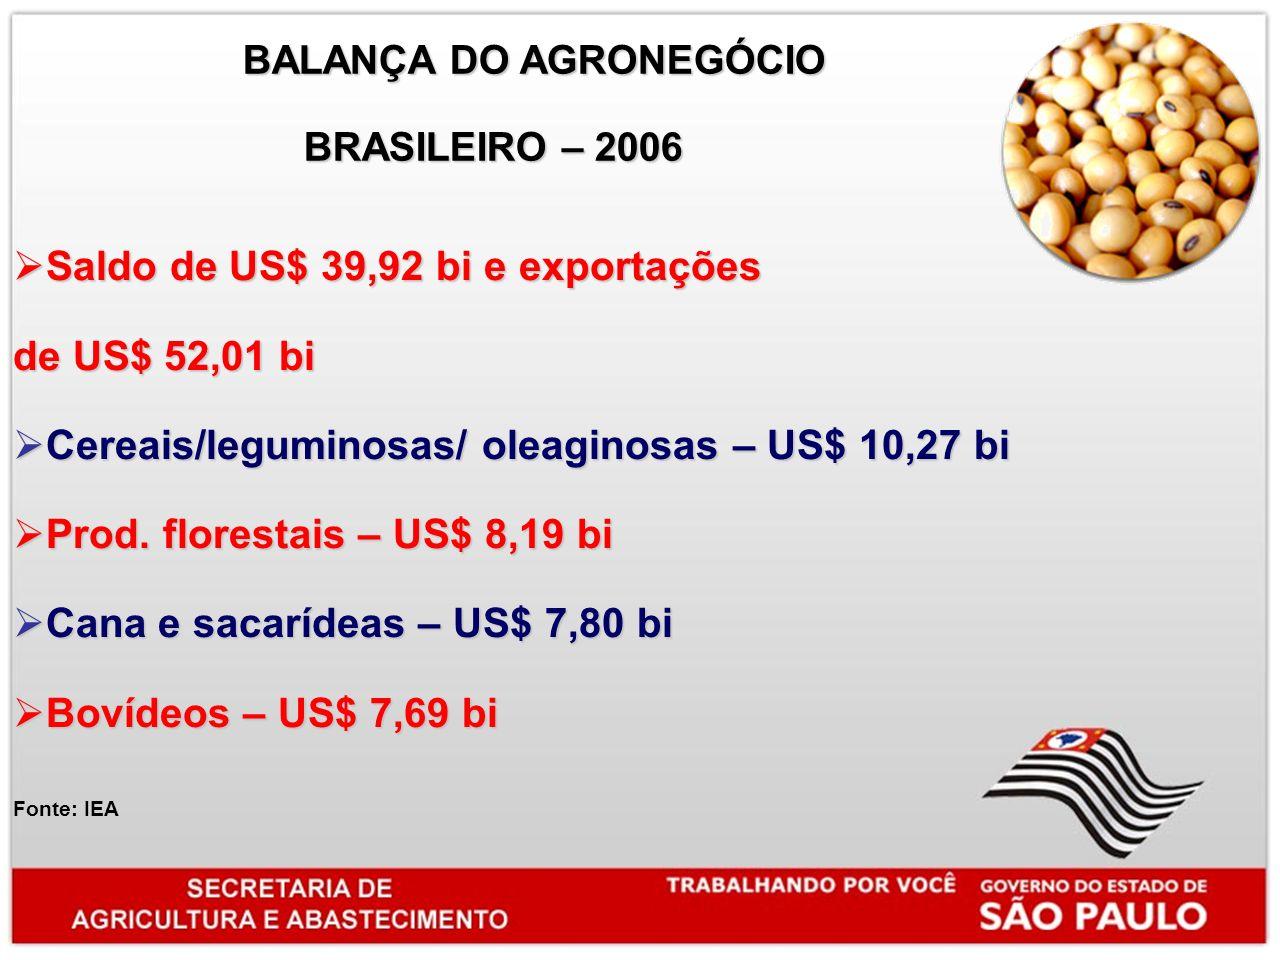 BALANÇA DO AGRONEGÓCIO BALANÇA DO AGRONEGÓCIO BRASILEIRO – 2006 BRASILEIRO – 2006 Saldo de US$ 39,92 bi e exportações Saldo de US$ 39,92 bi e exportações de US$ 52,01 bi Cereais/leguminosas/ oleaginosas – US$ 10,27 bi Cereais/leguminosas/ oleaginosas – US$ 10,27 bi Prod.